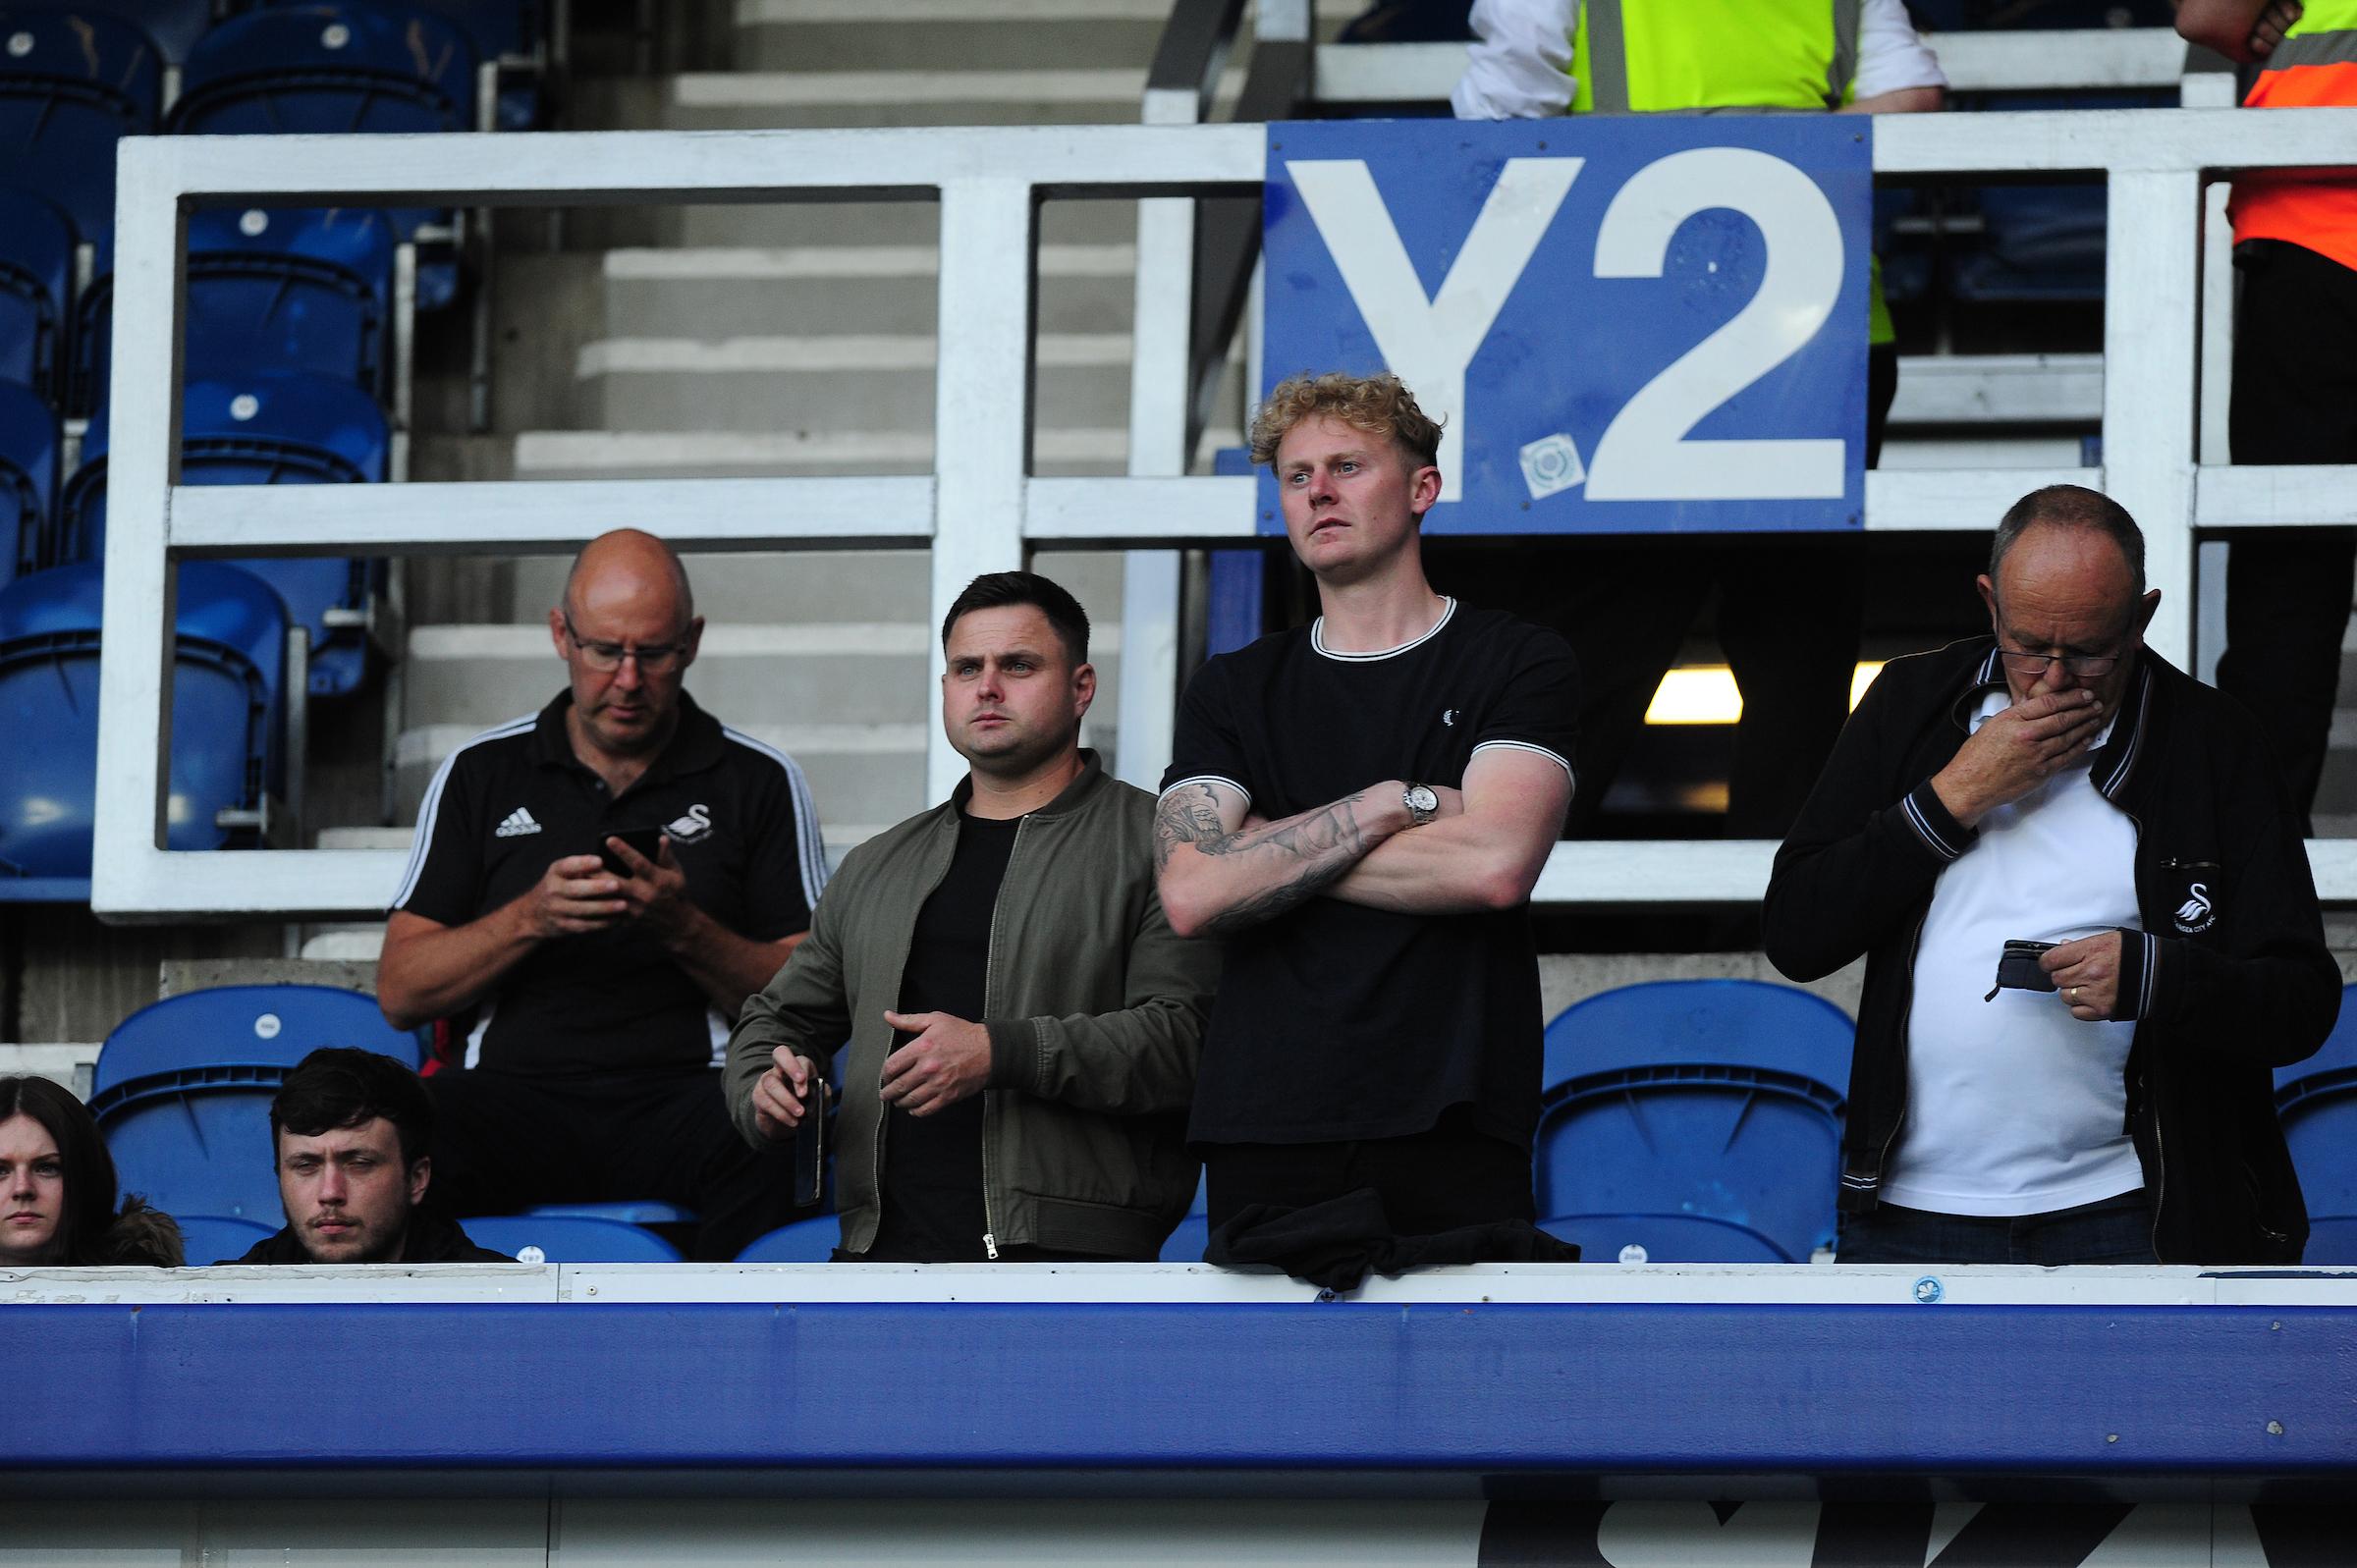 Swansea City fans